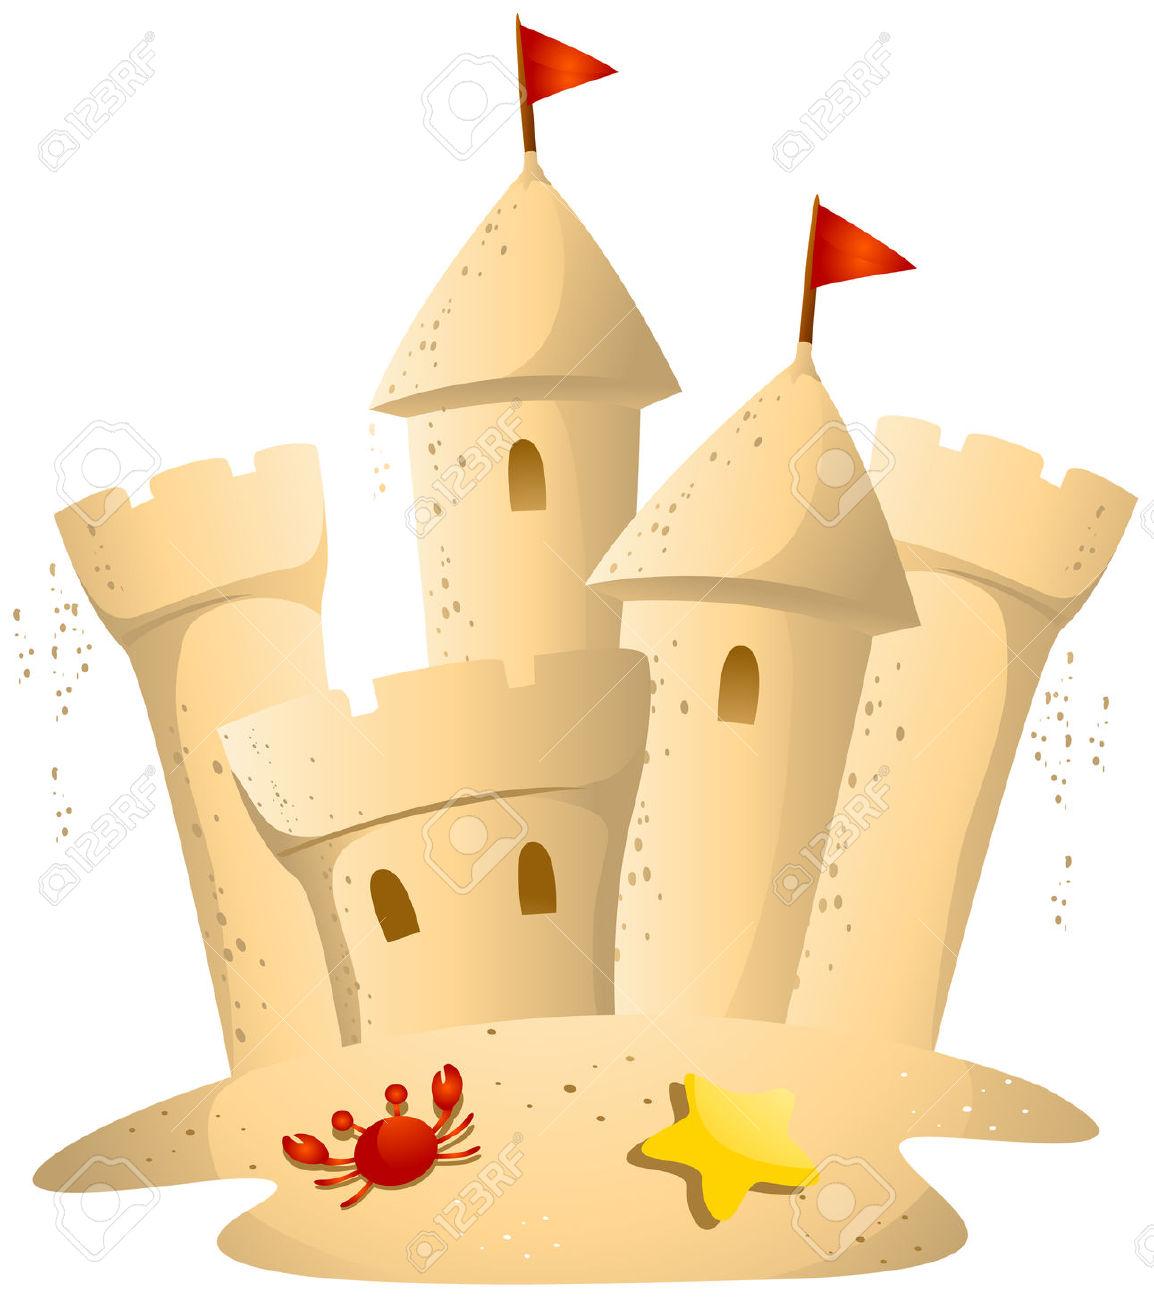 Sand Castle Images Clip Art - .-Sand castle images clip art - .-12